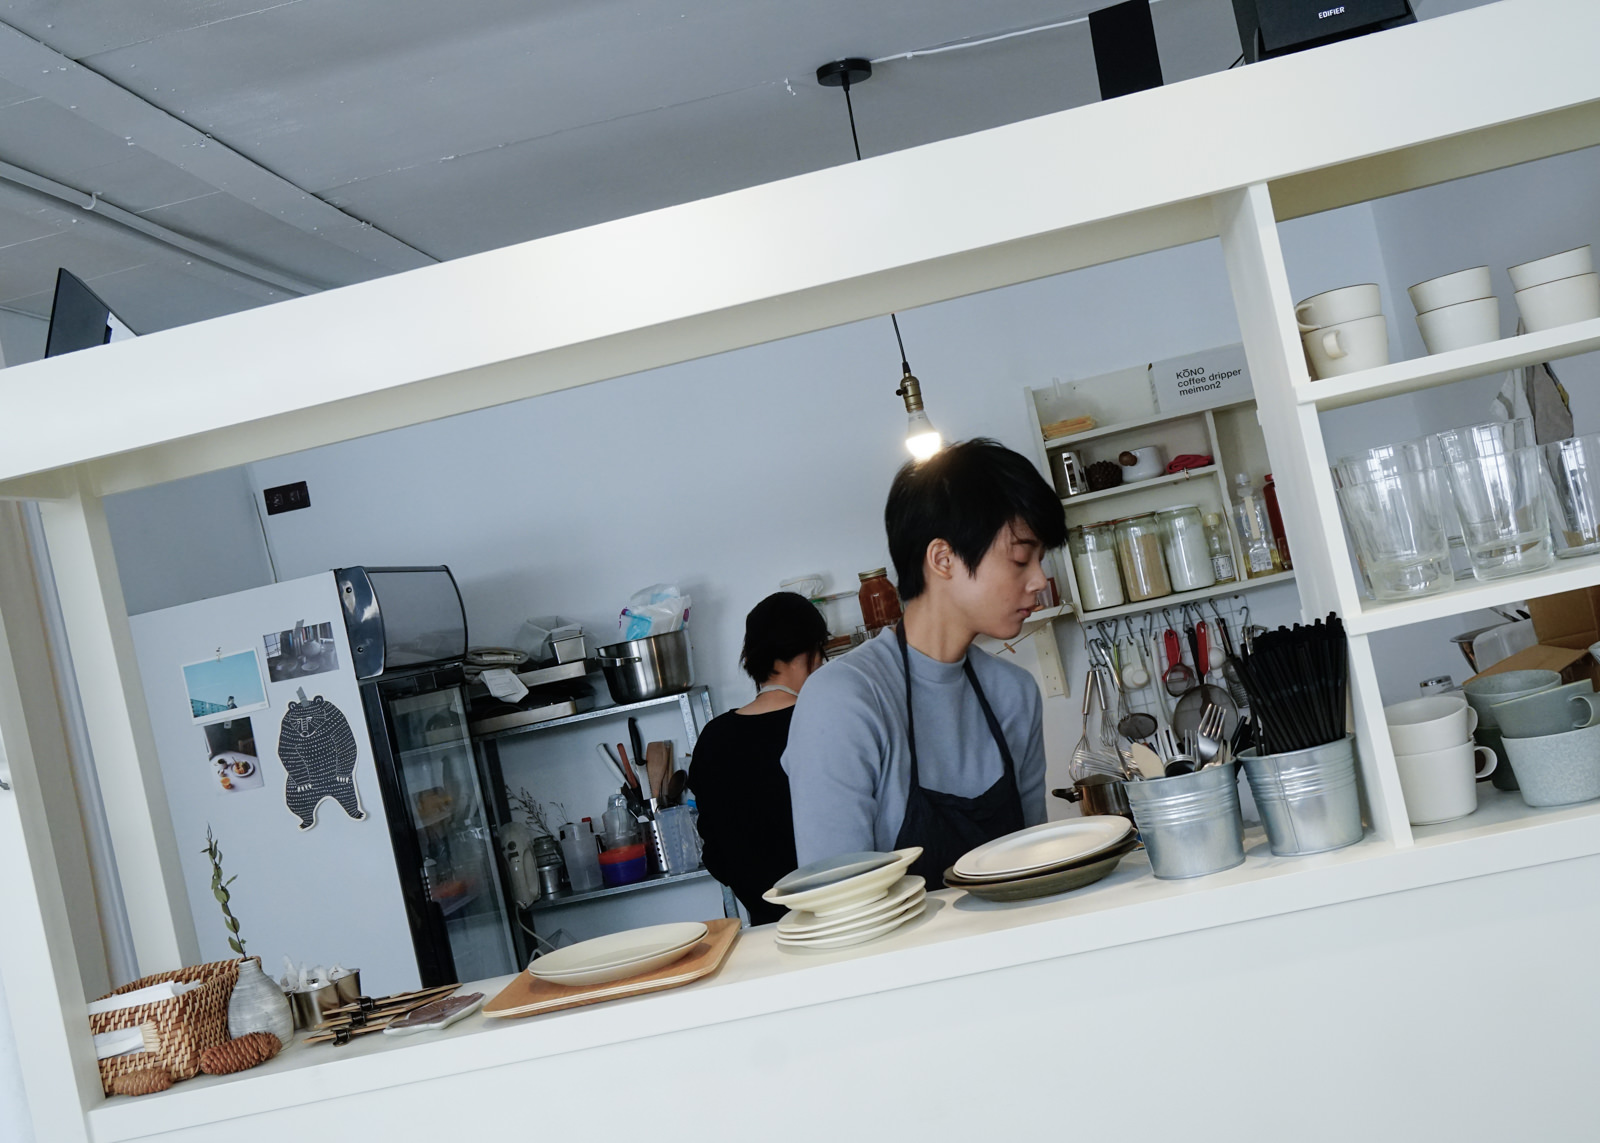 [高雄]Chill Bake-優雅日系蛋糕捲~超隱密純白風甜點店 高雄下午茶推薦 @美食好芃友